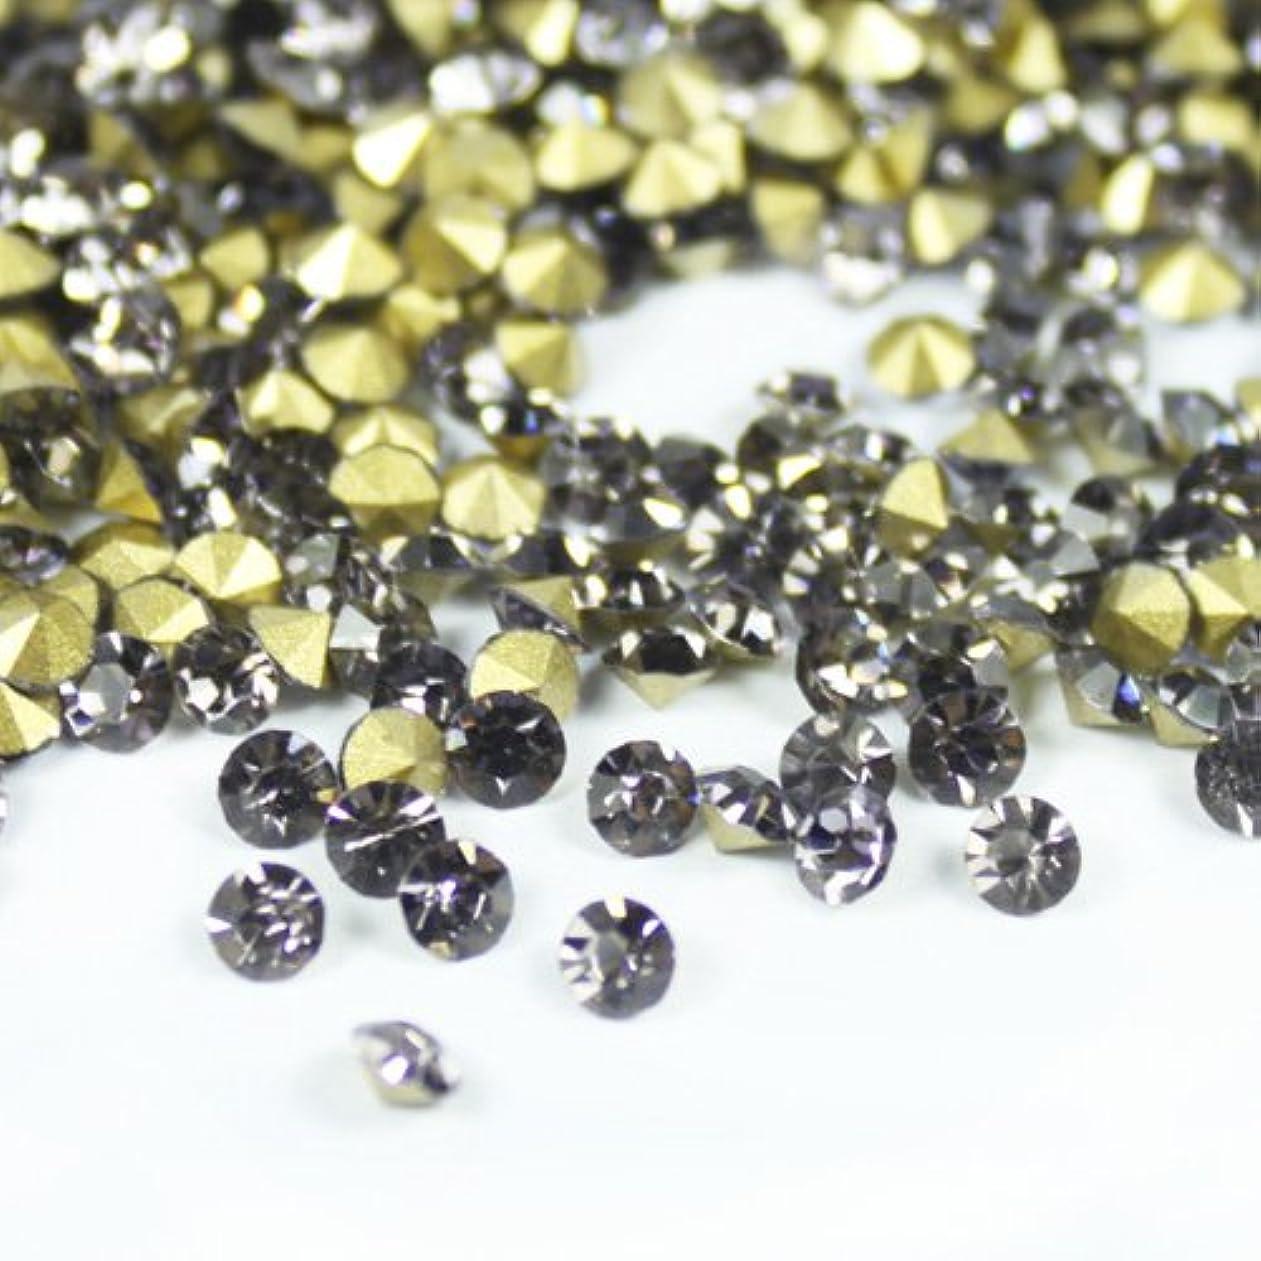 寄託離れてエッセンスガラス製 Vカットストーン(埋込型)black diamond/ブラックダイアモンド 各サイズ選択可能 (2.4mm (SS8) 約1440粒) [並行輸入品]